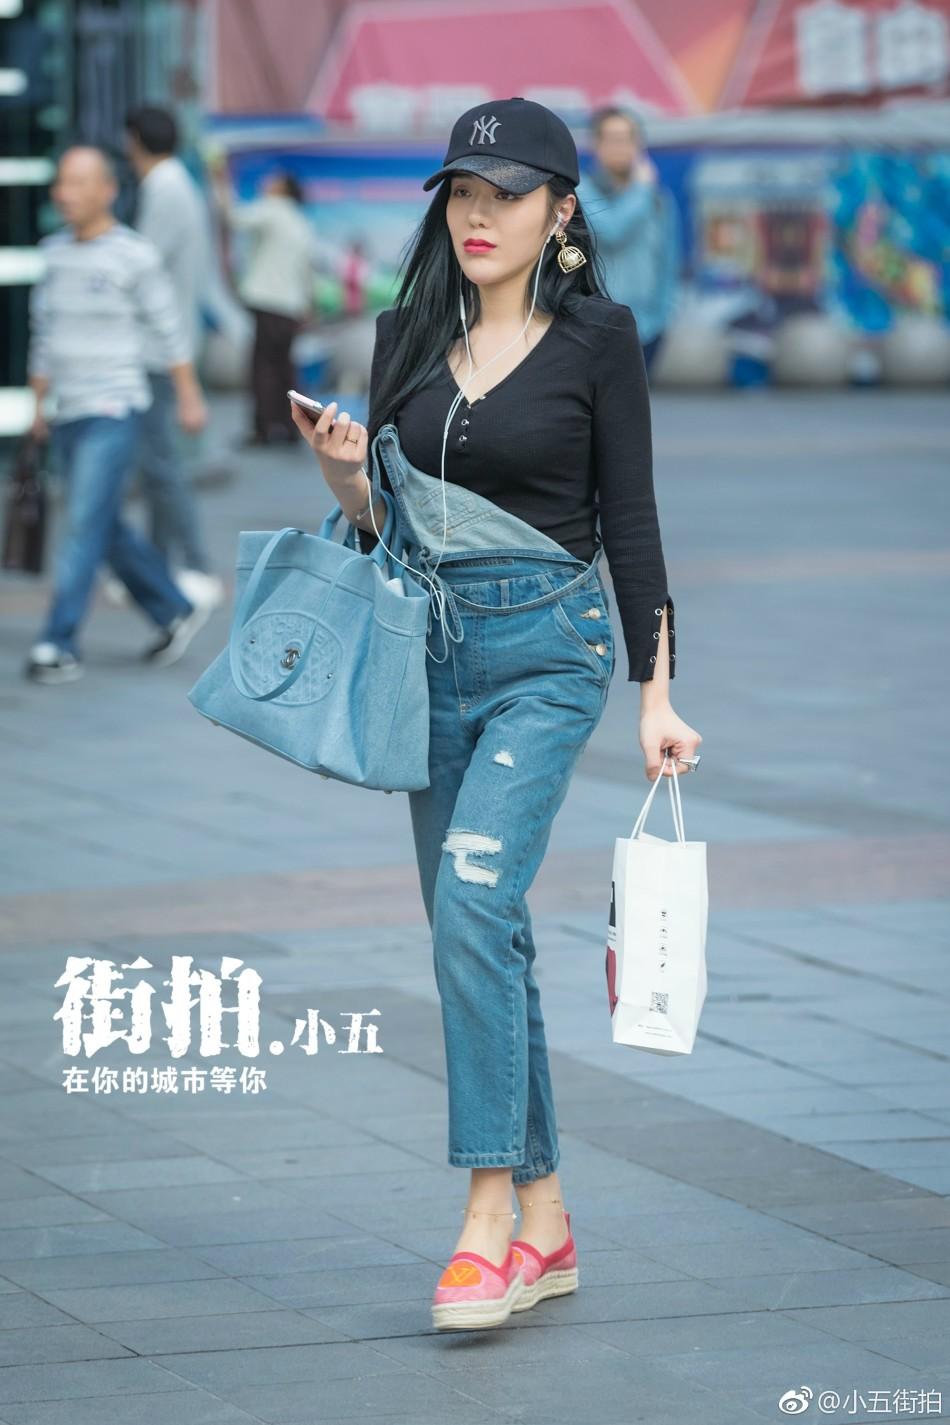 重庆最新美女街拍 夏天出街露白嫩大腿图片